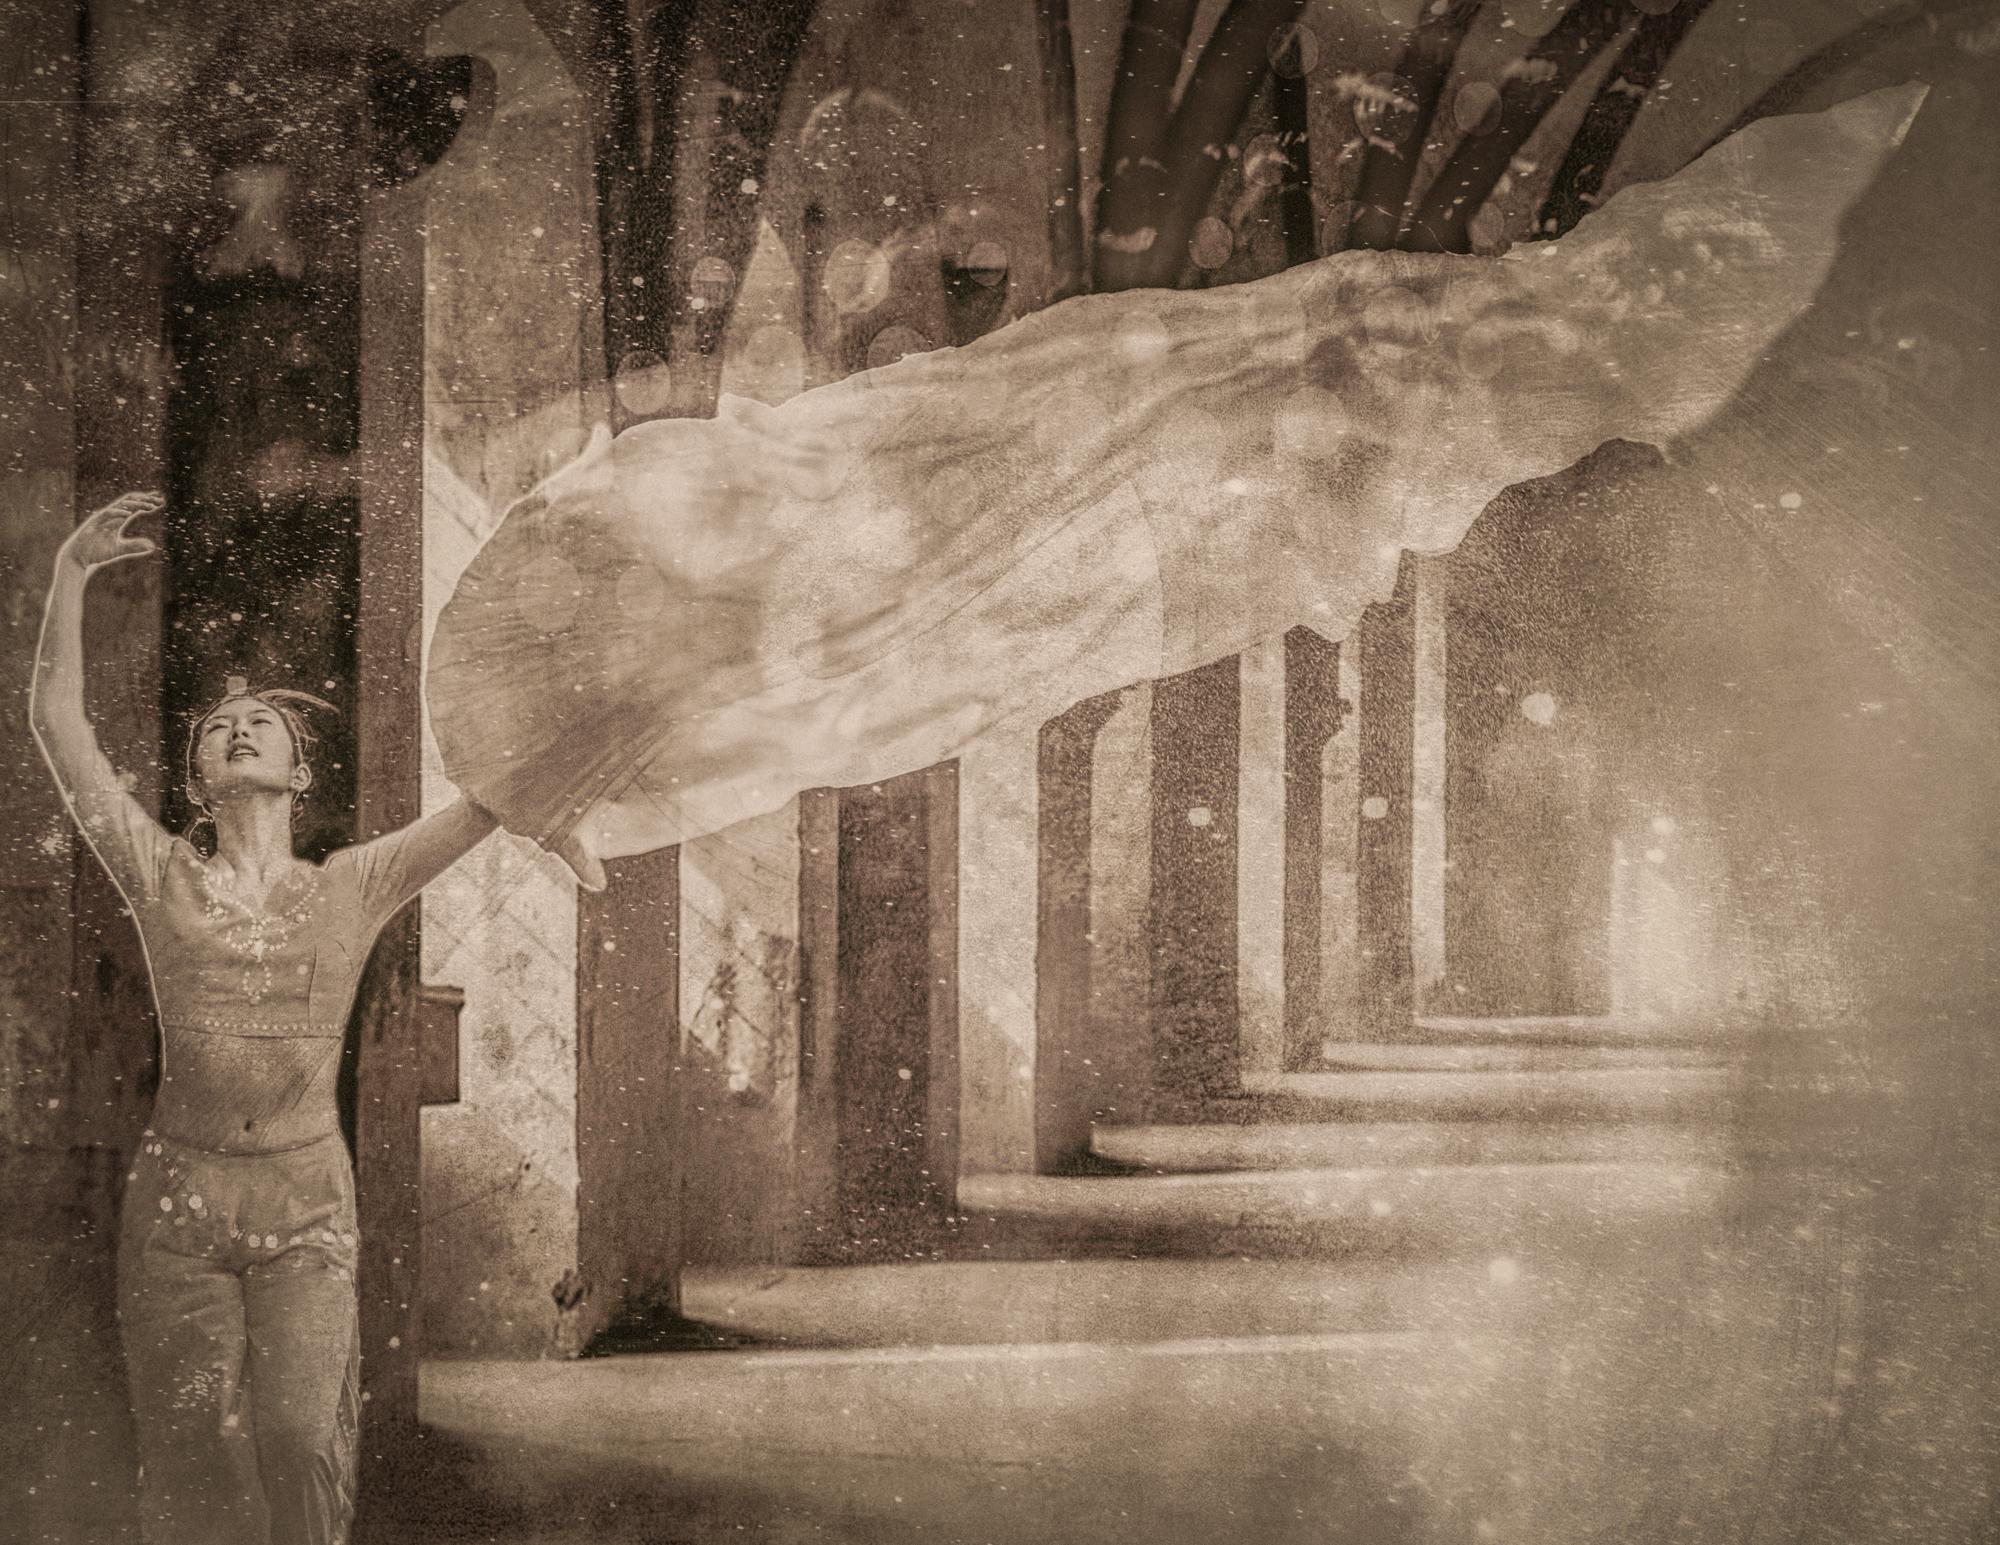 PaulaDPowers-Dancing in The Temple.jpg